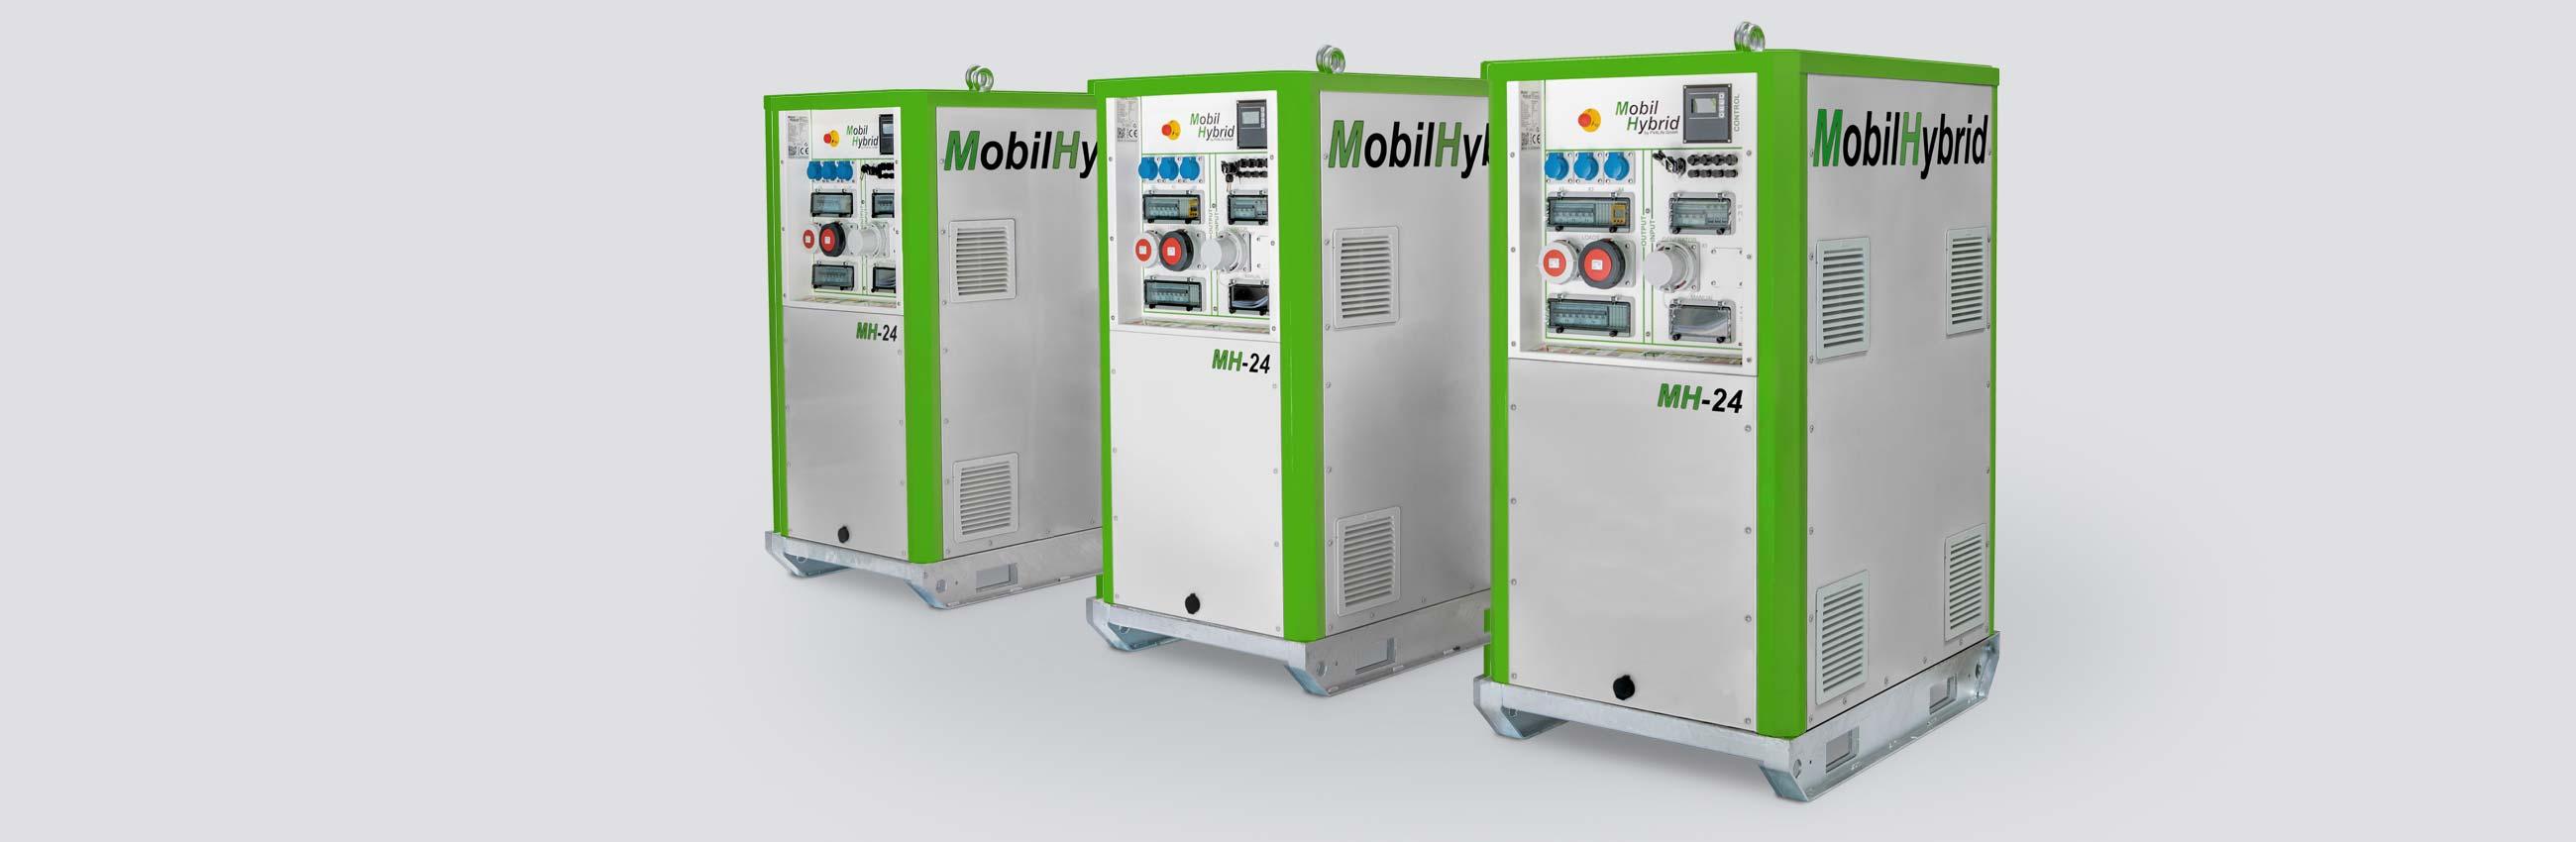 PV4Life mobiler Stromspeicher